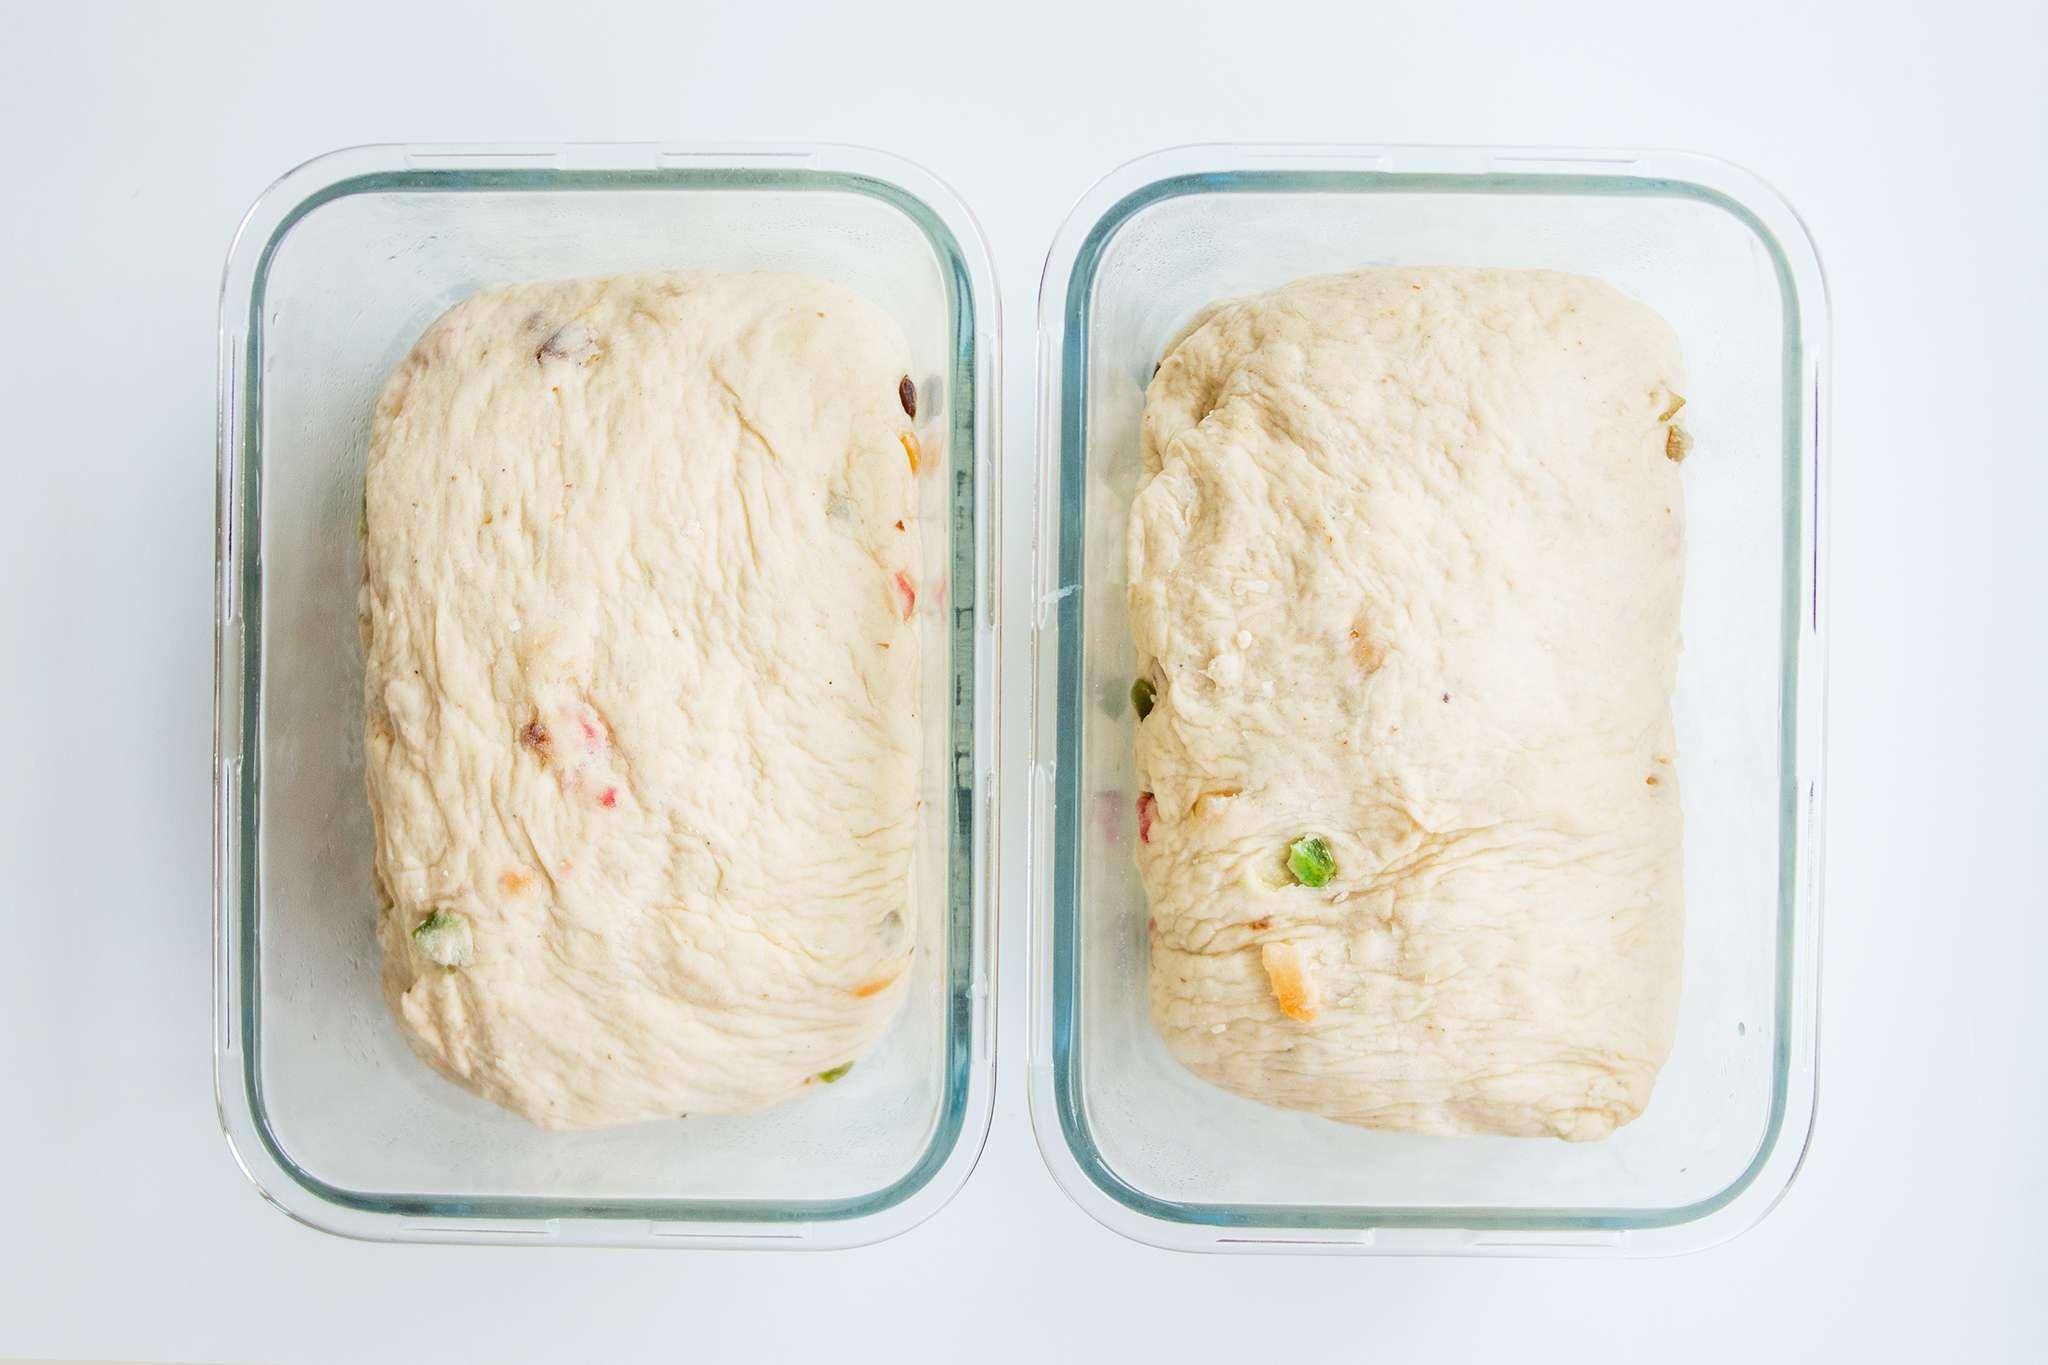 Put dough into loaf pans